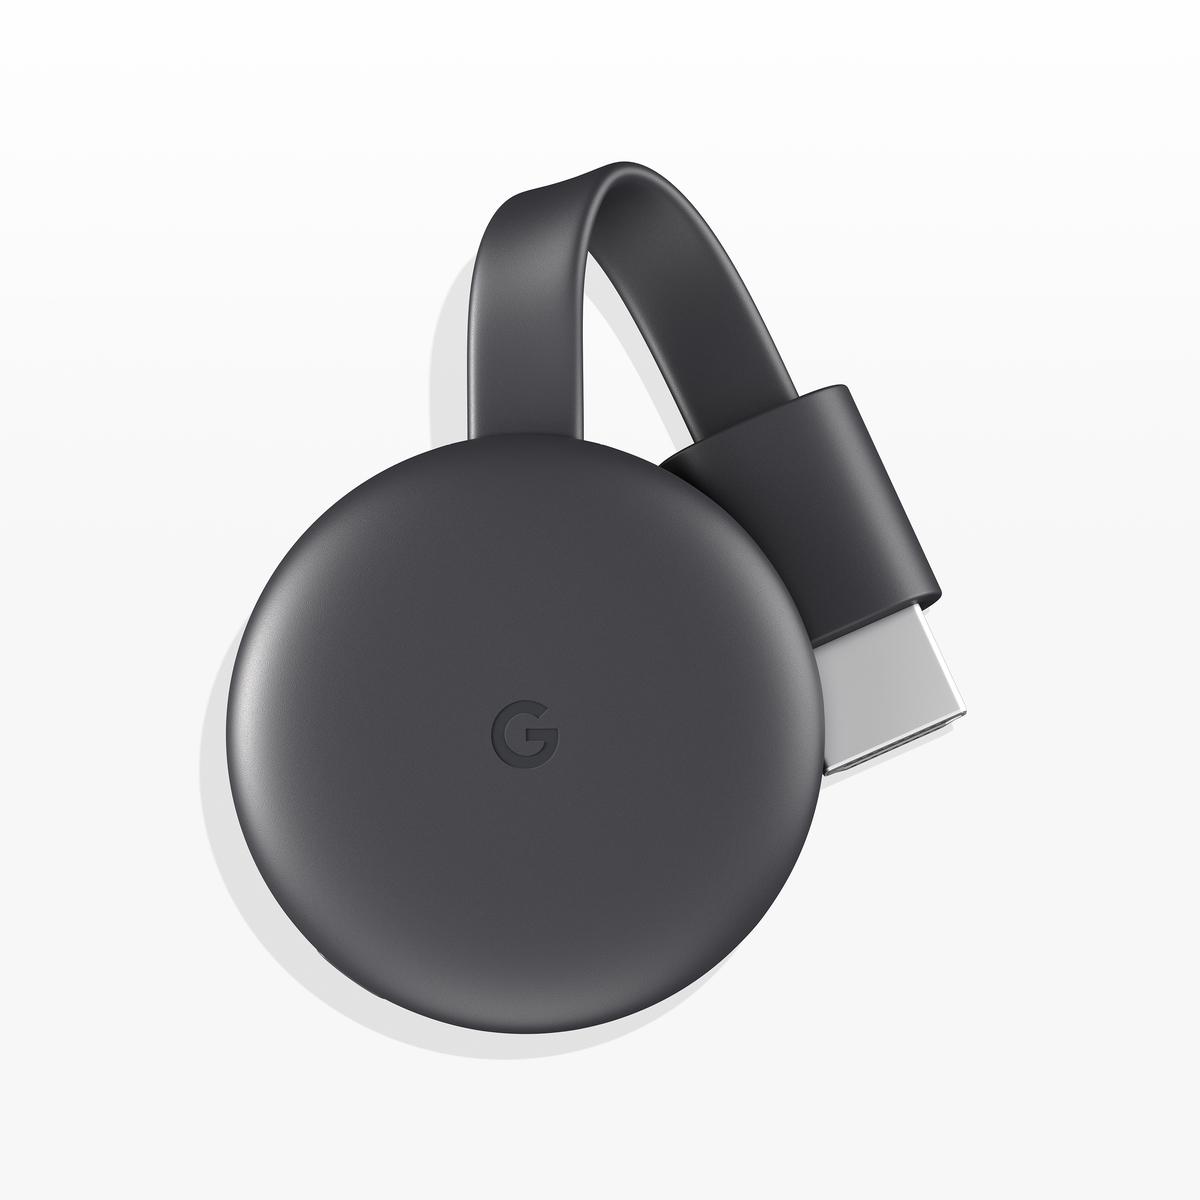 (英/香港插) Google - Chromecast 3 第三代 Screen Mirroring Dongle 黑色 (平行進口)